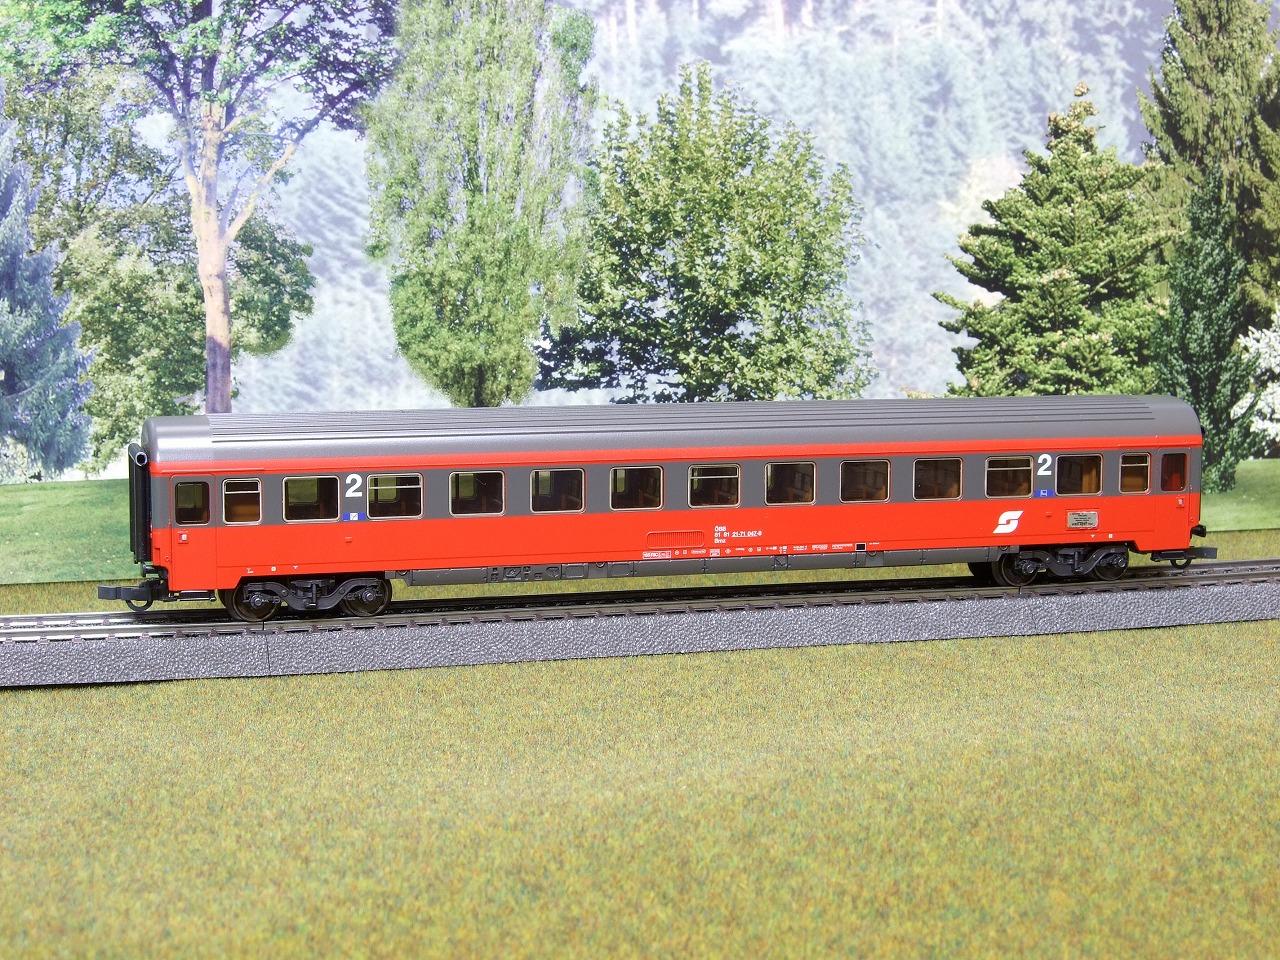 オーストリア国鉄(OeBB) 急行列車セット (42723) 2回目 2等車 その1: I.Y.